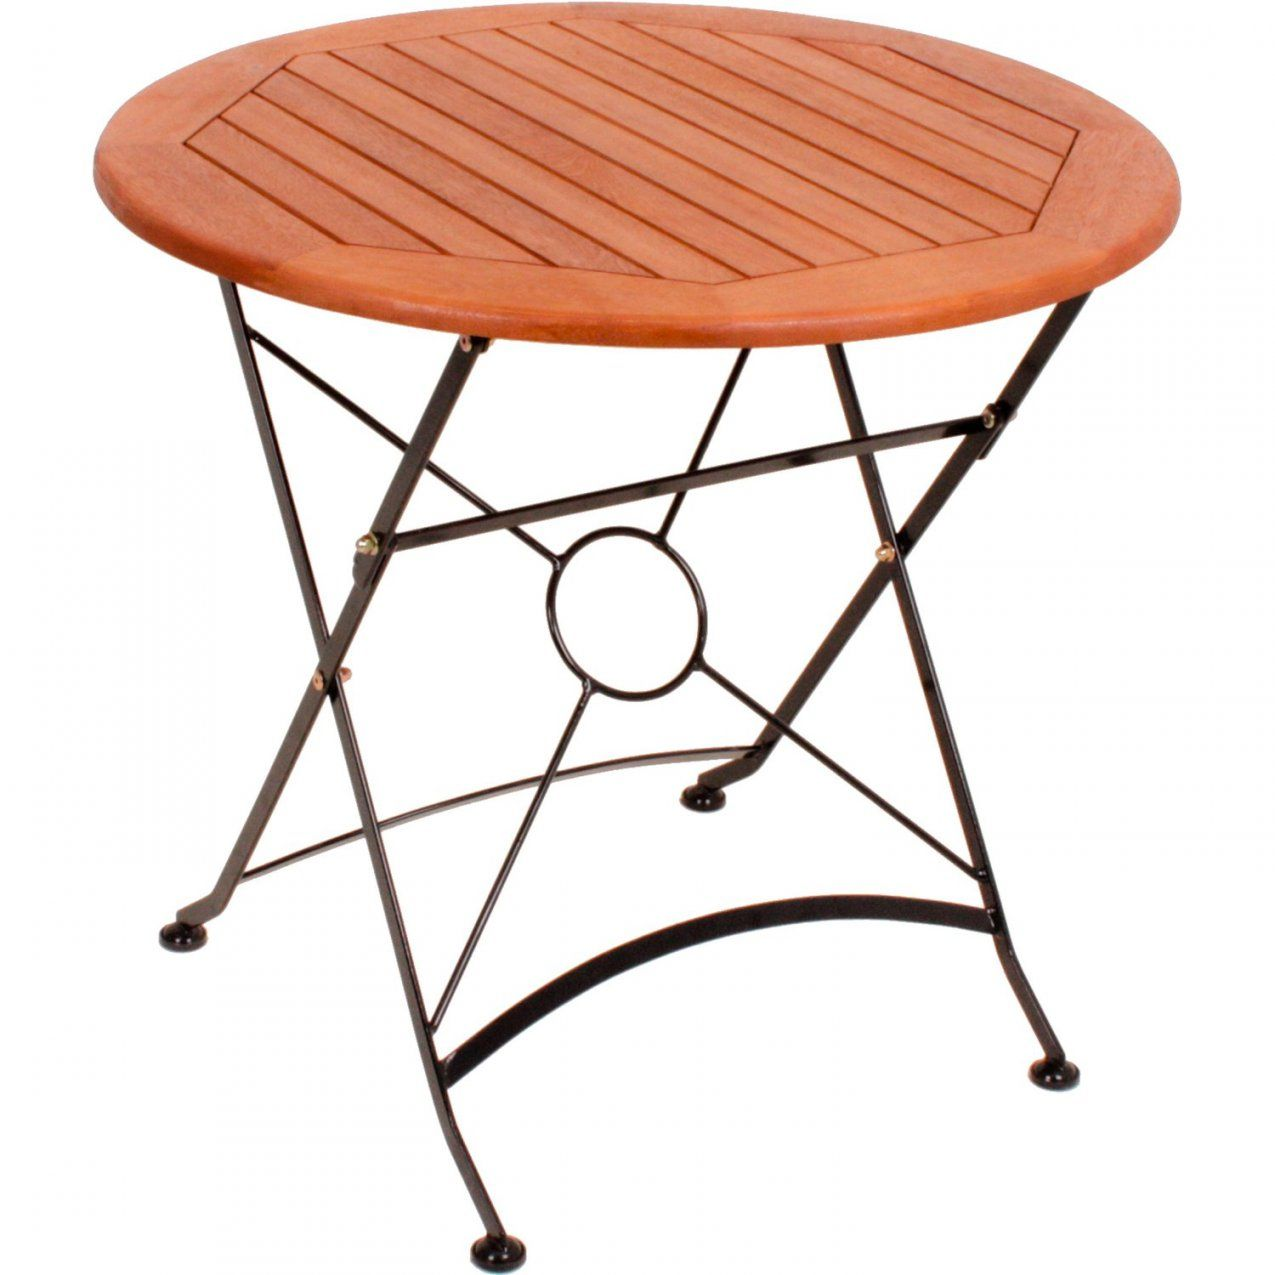 Gartentisch Rund 120 Fabulous Gartentisch Xcm Mit Sthle Und Bank von Gartentisch Holz Rund 120 Bild